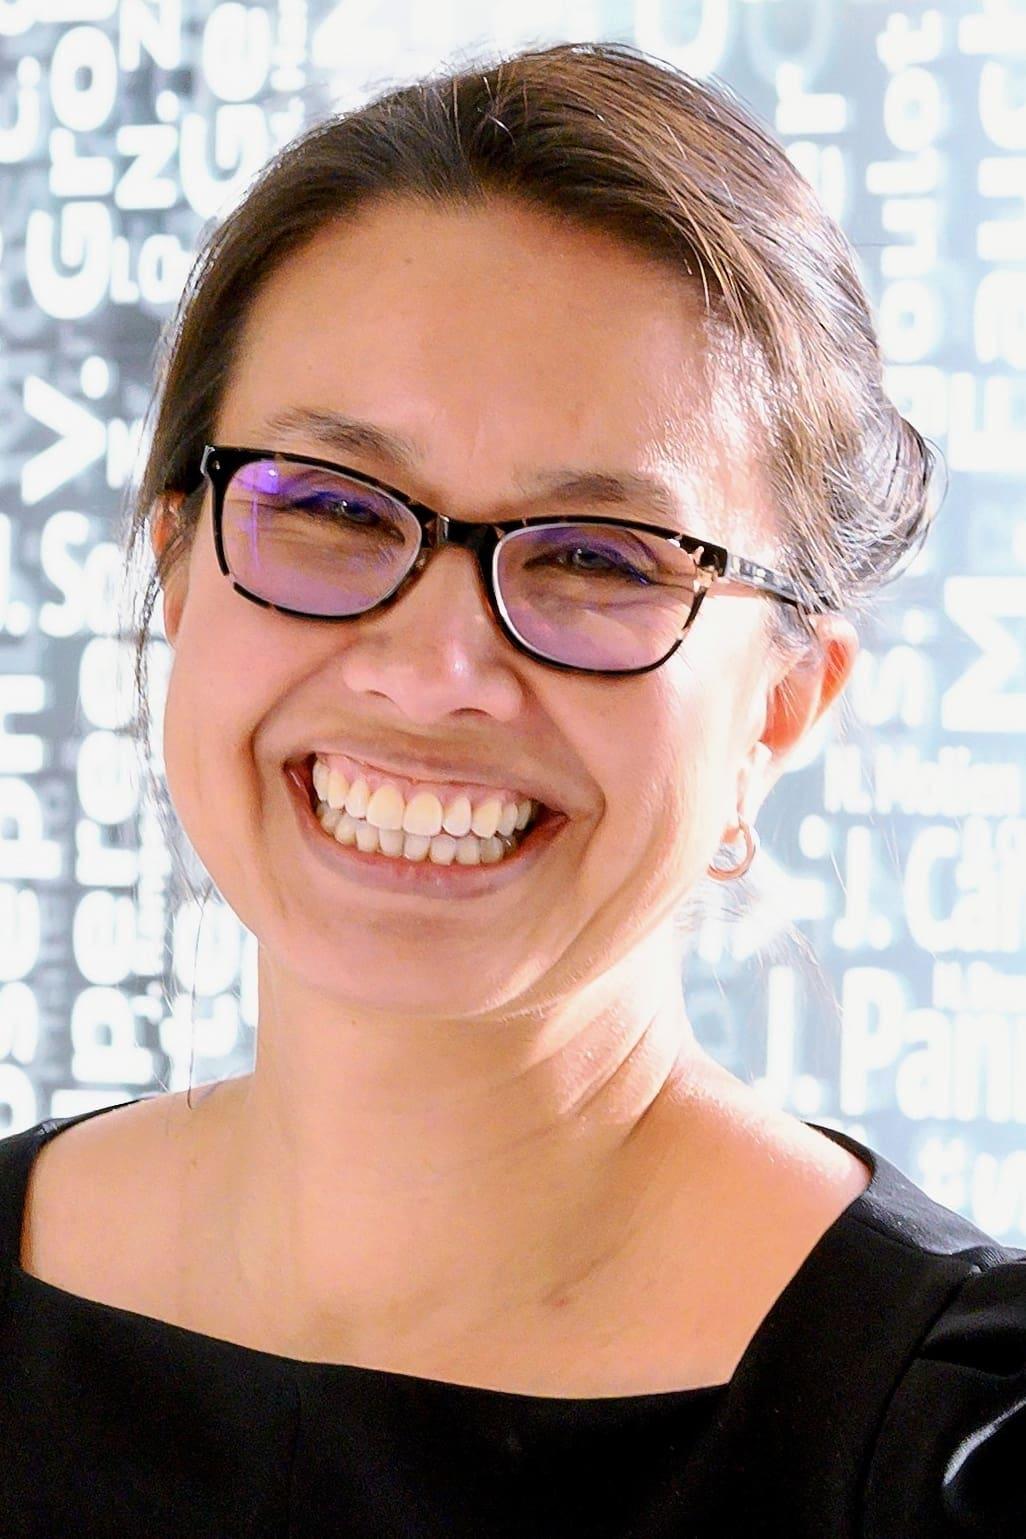 Caroline Quach